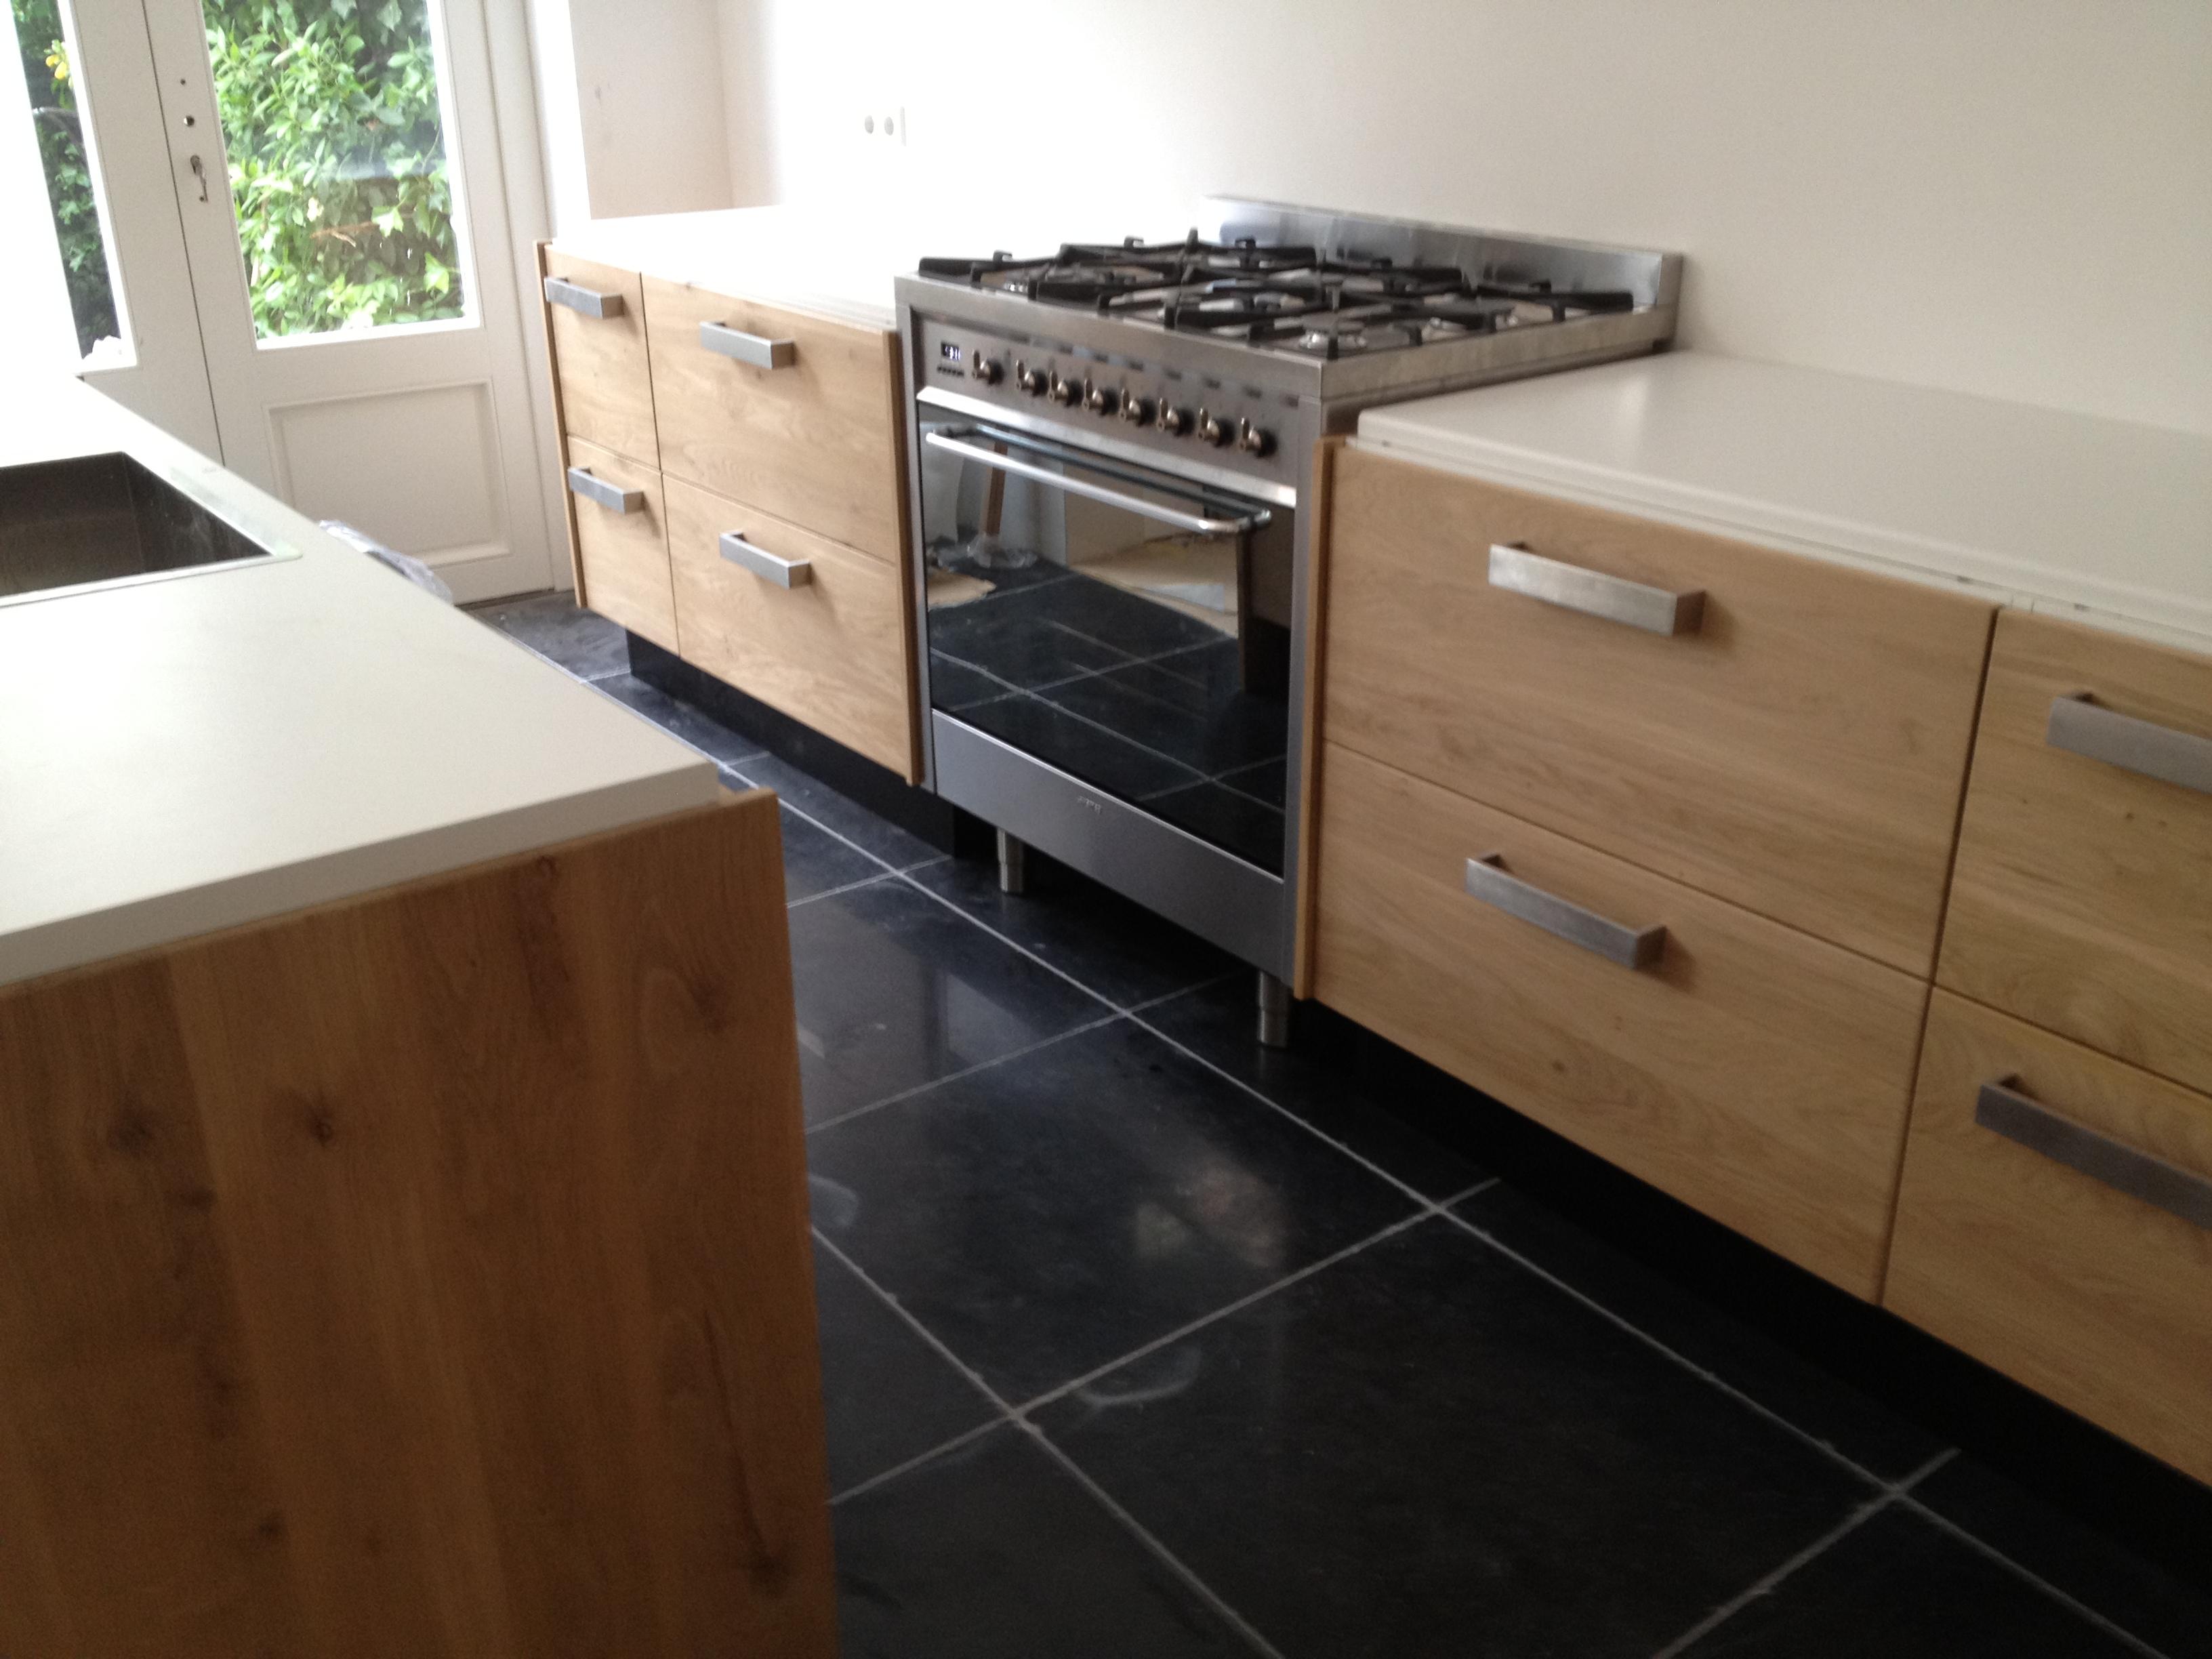 Koakdesign Keuken : Koak Design Keukens – artsmedia info